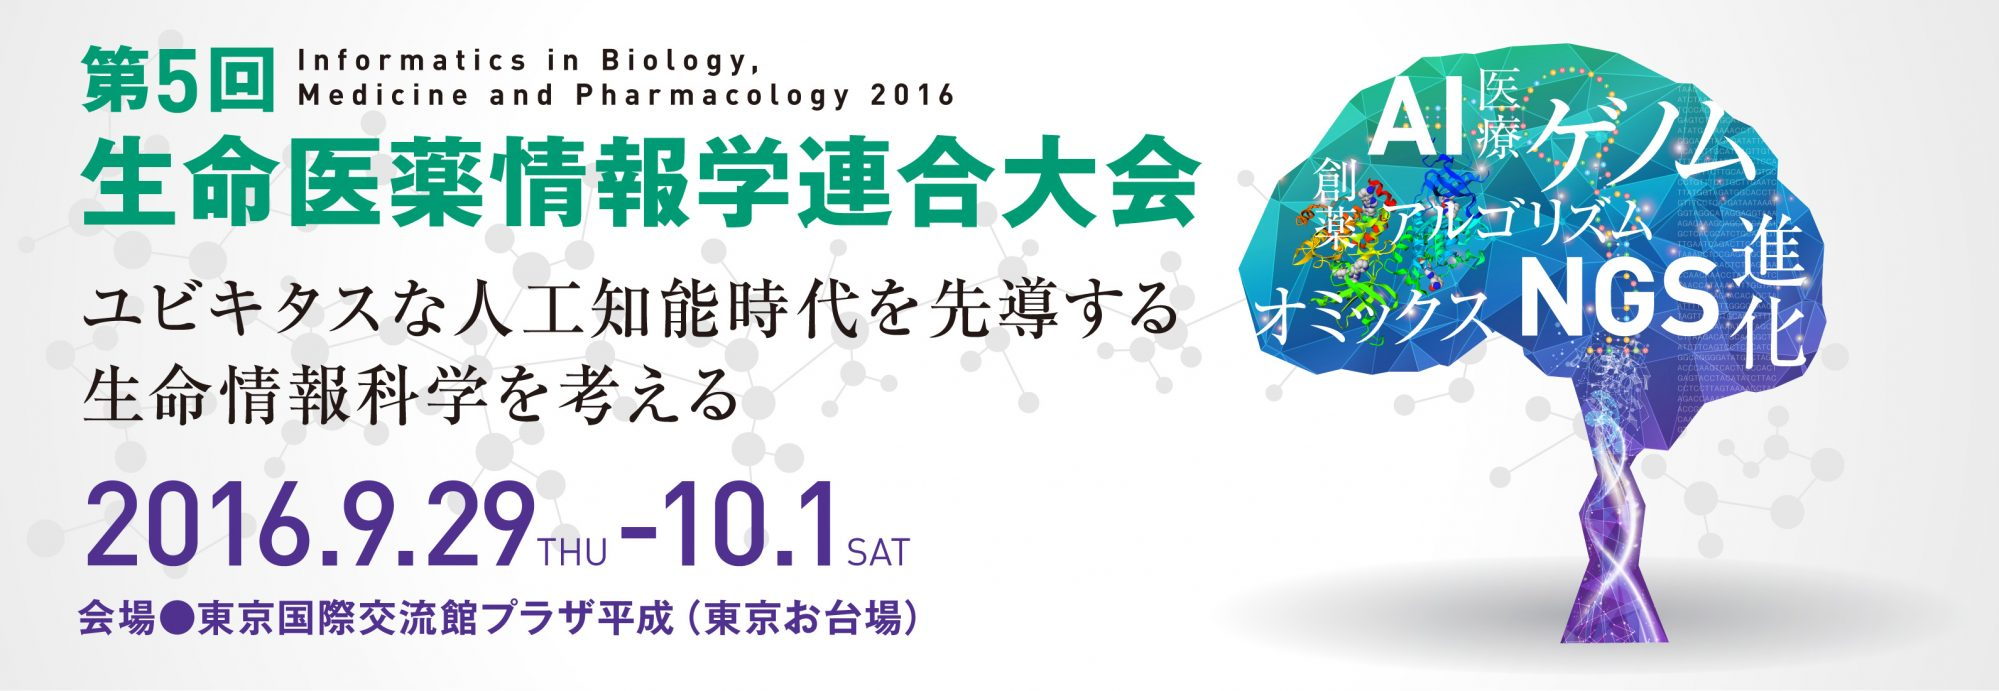 第5回生命医薬情報学連合大会(IIBMP2016)